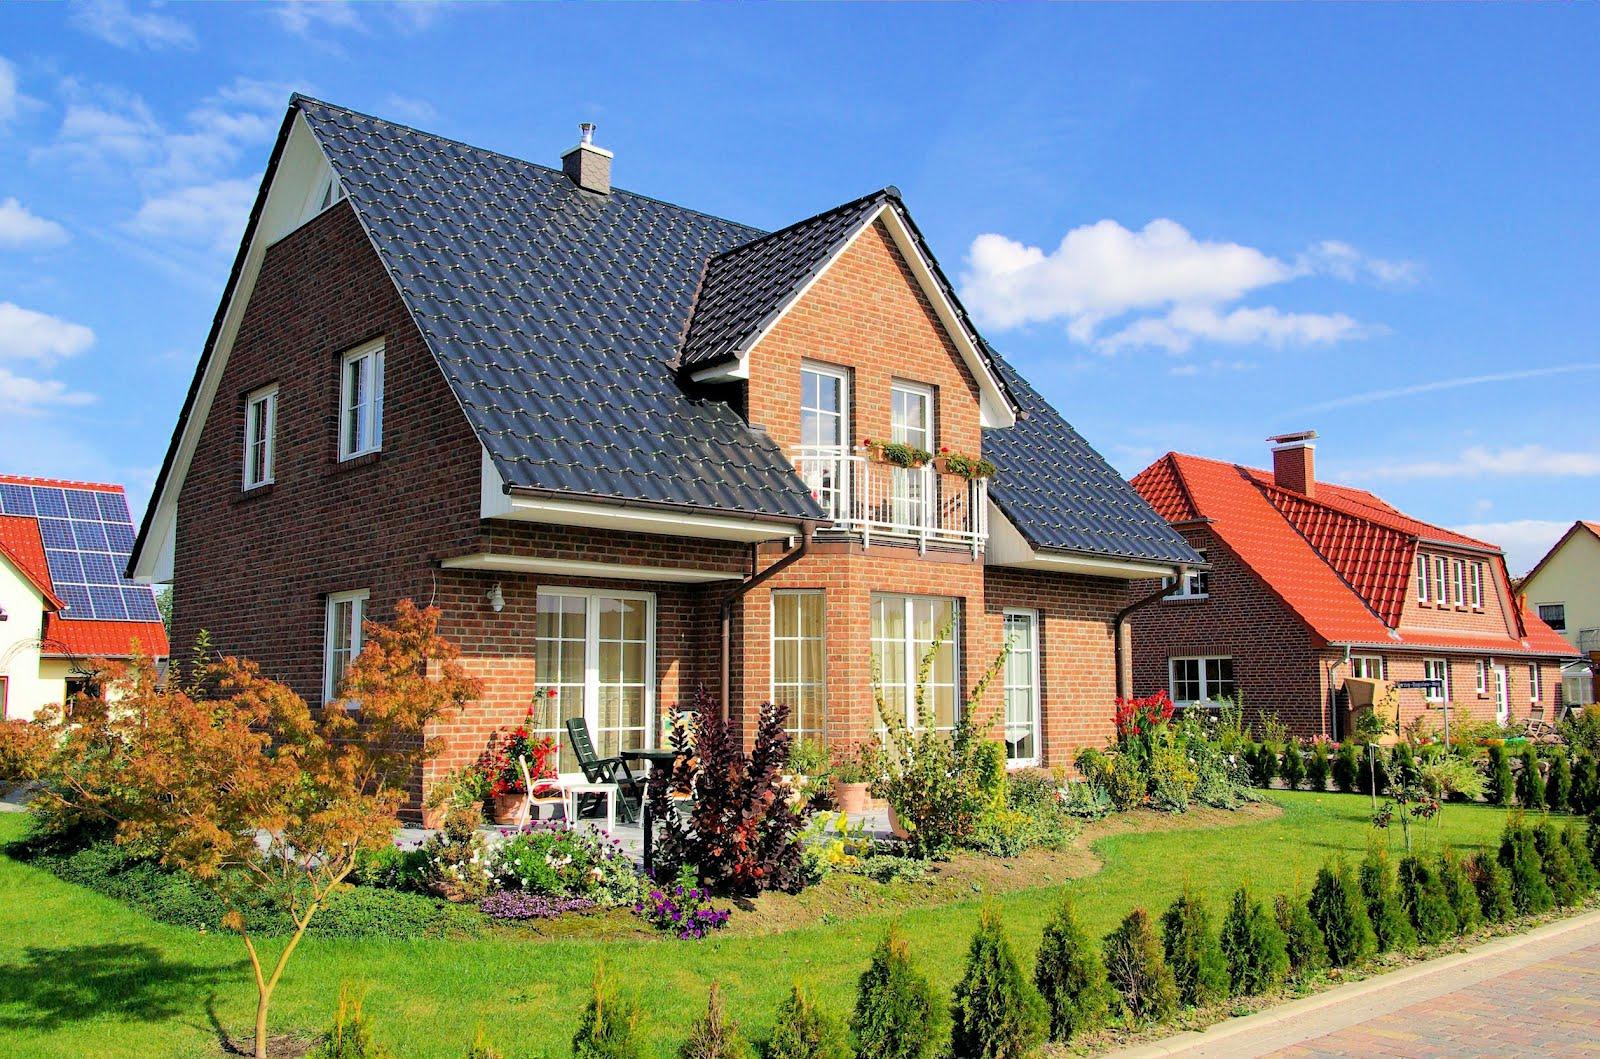 Casas bonitas y jardines con flores en el cielo azul for Fotos de casas modernas con jardin